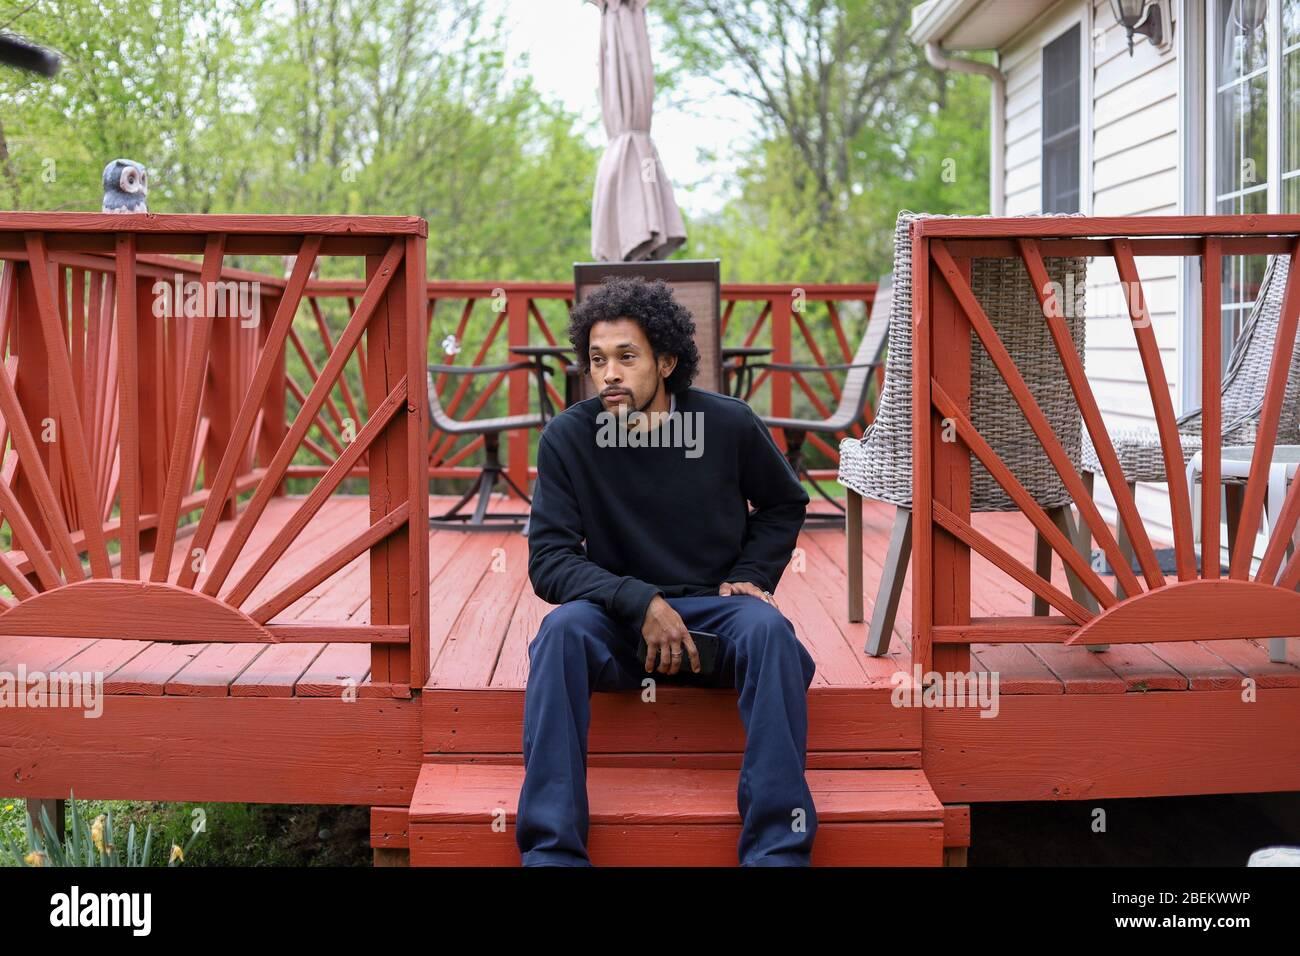 Un portrait d'un homme afro-américain sur son téléphone portable à l'extérieur et triste Banque D'Images